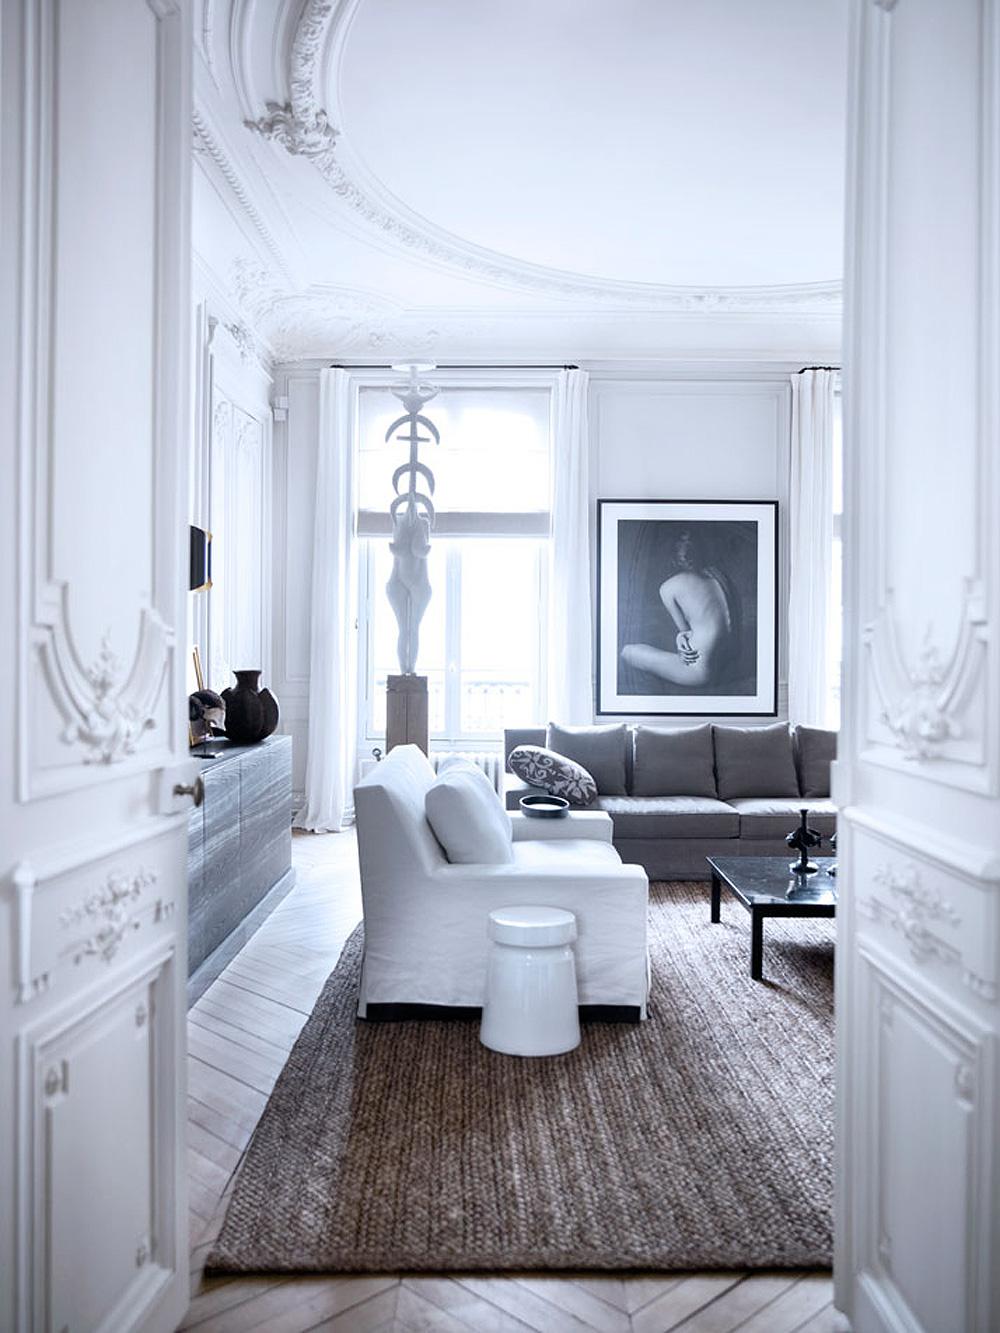 Oracle, Fox, Sunday, Sanctuary, Paris, Apartment, Tour, Art, Interior, Gallery, living, room, gilded, mirror